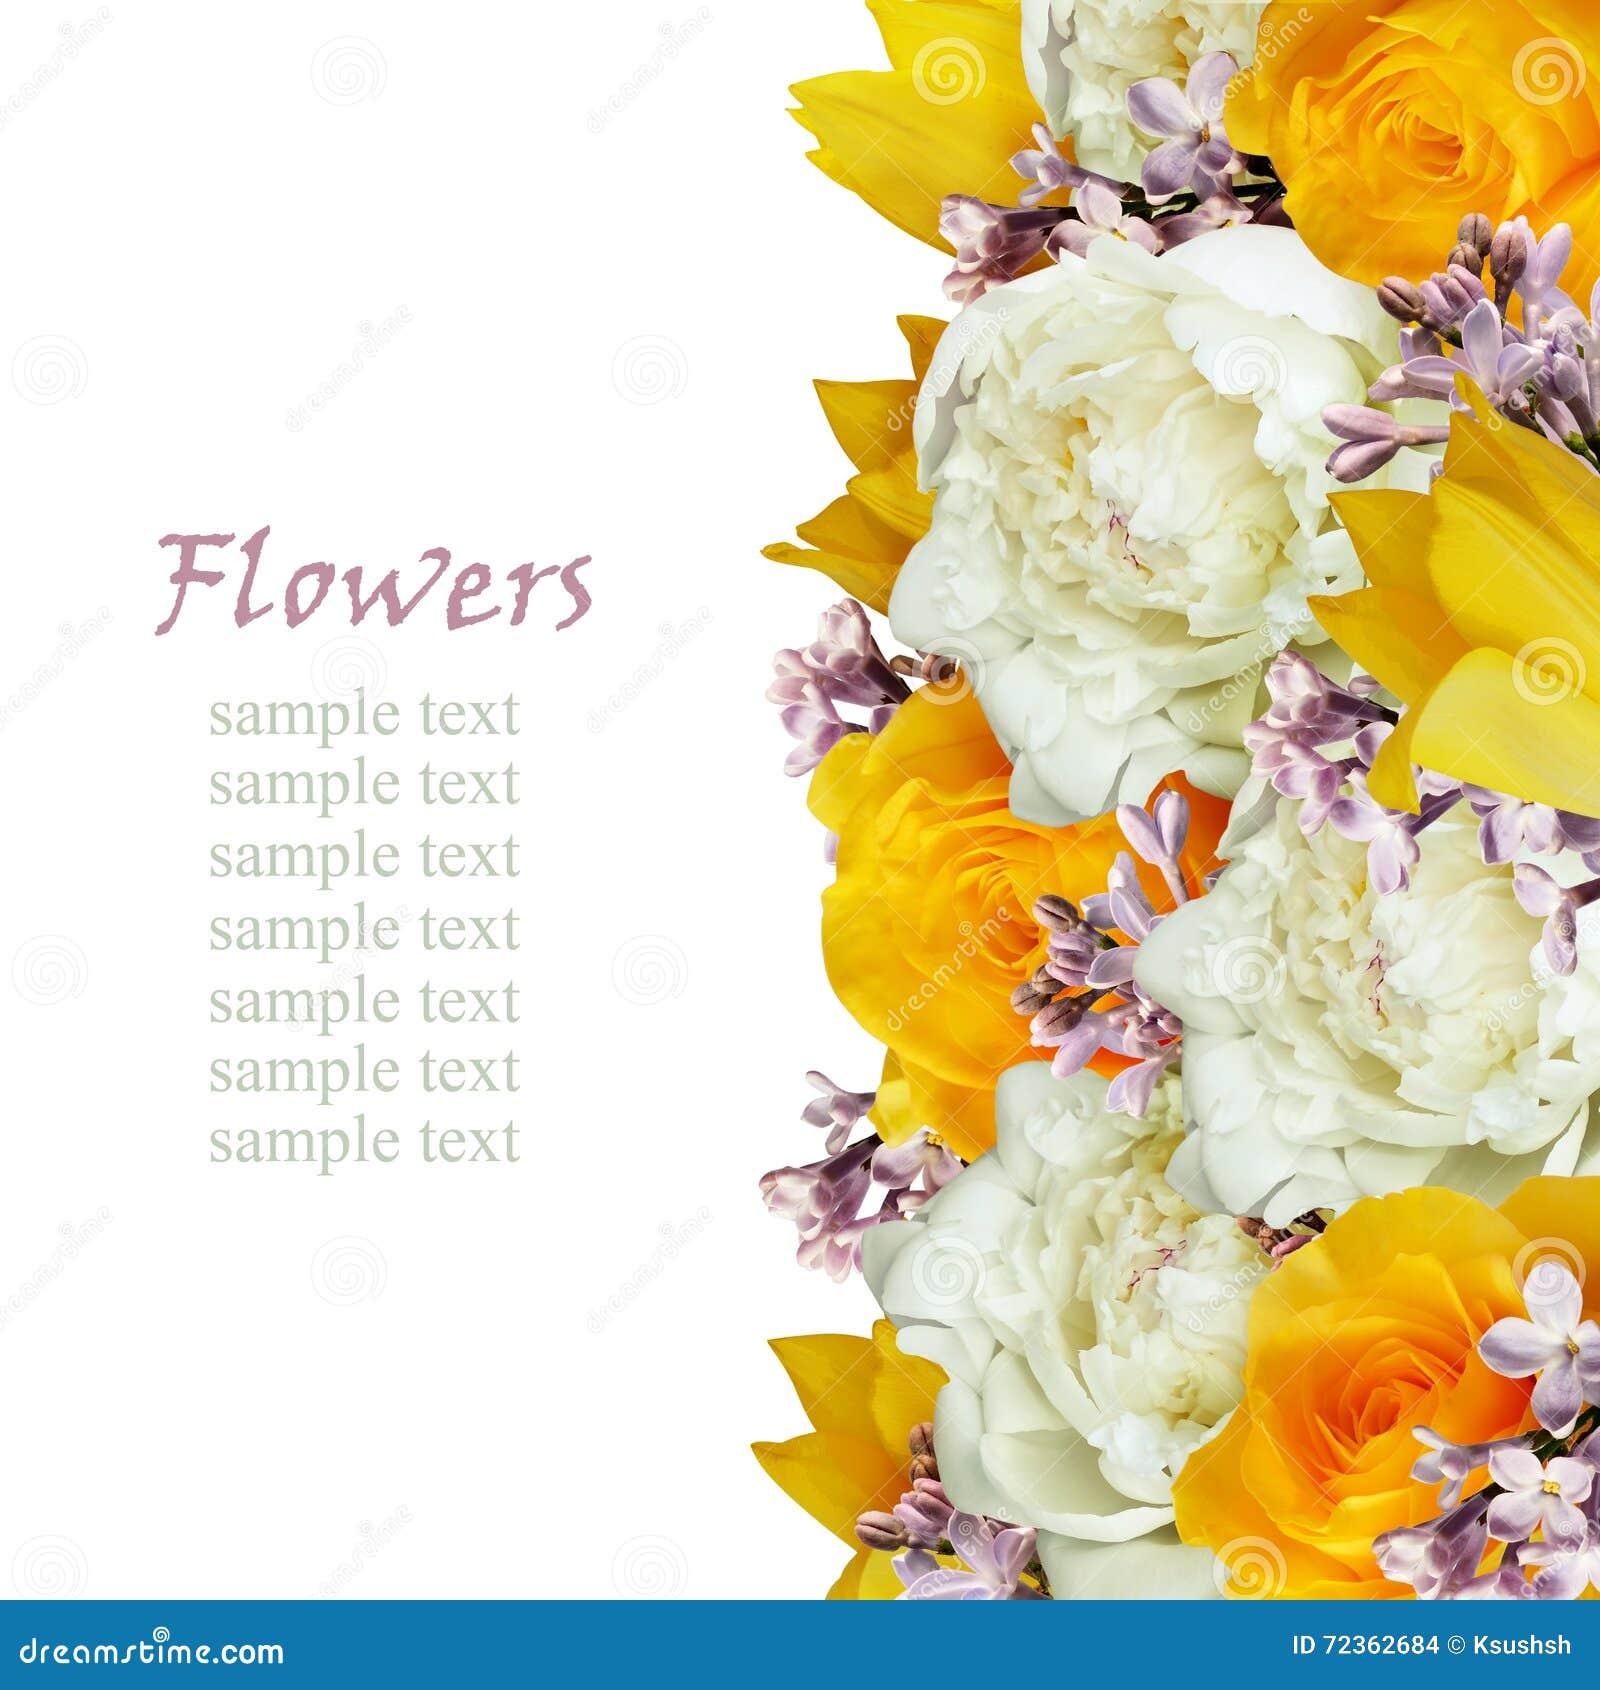 牡丹、郁金香、玫瑰和丁香花渐近